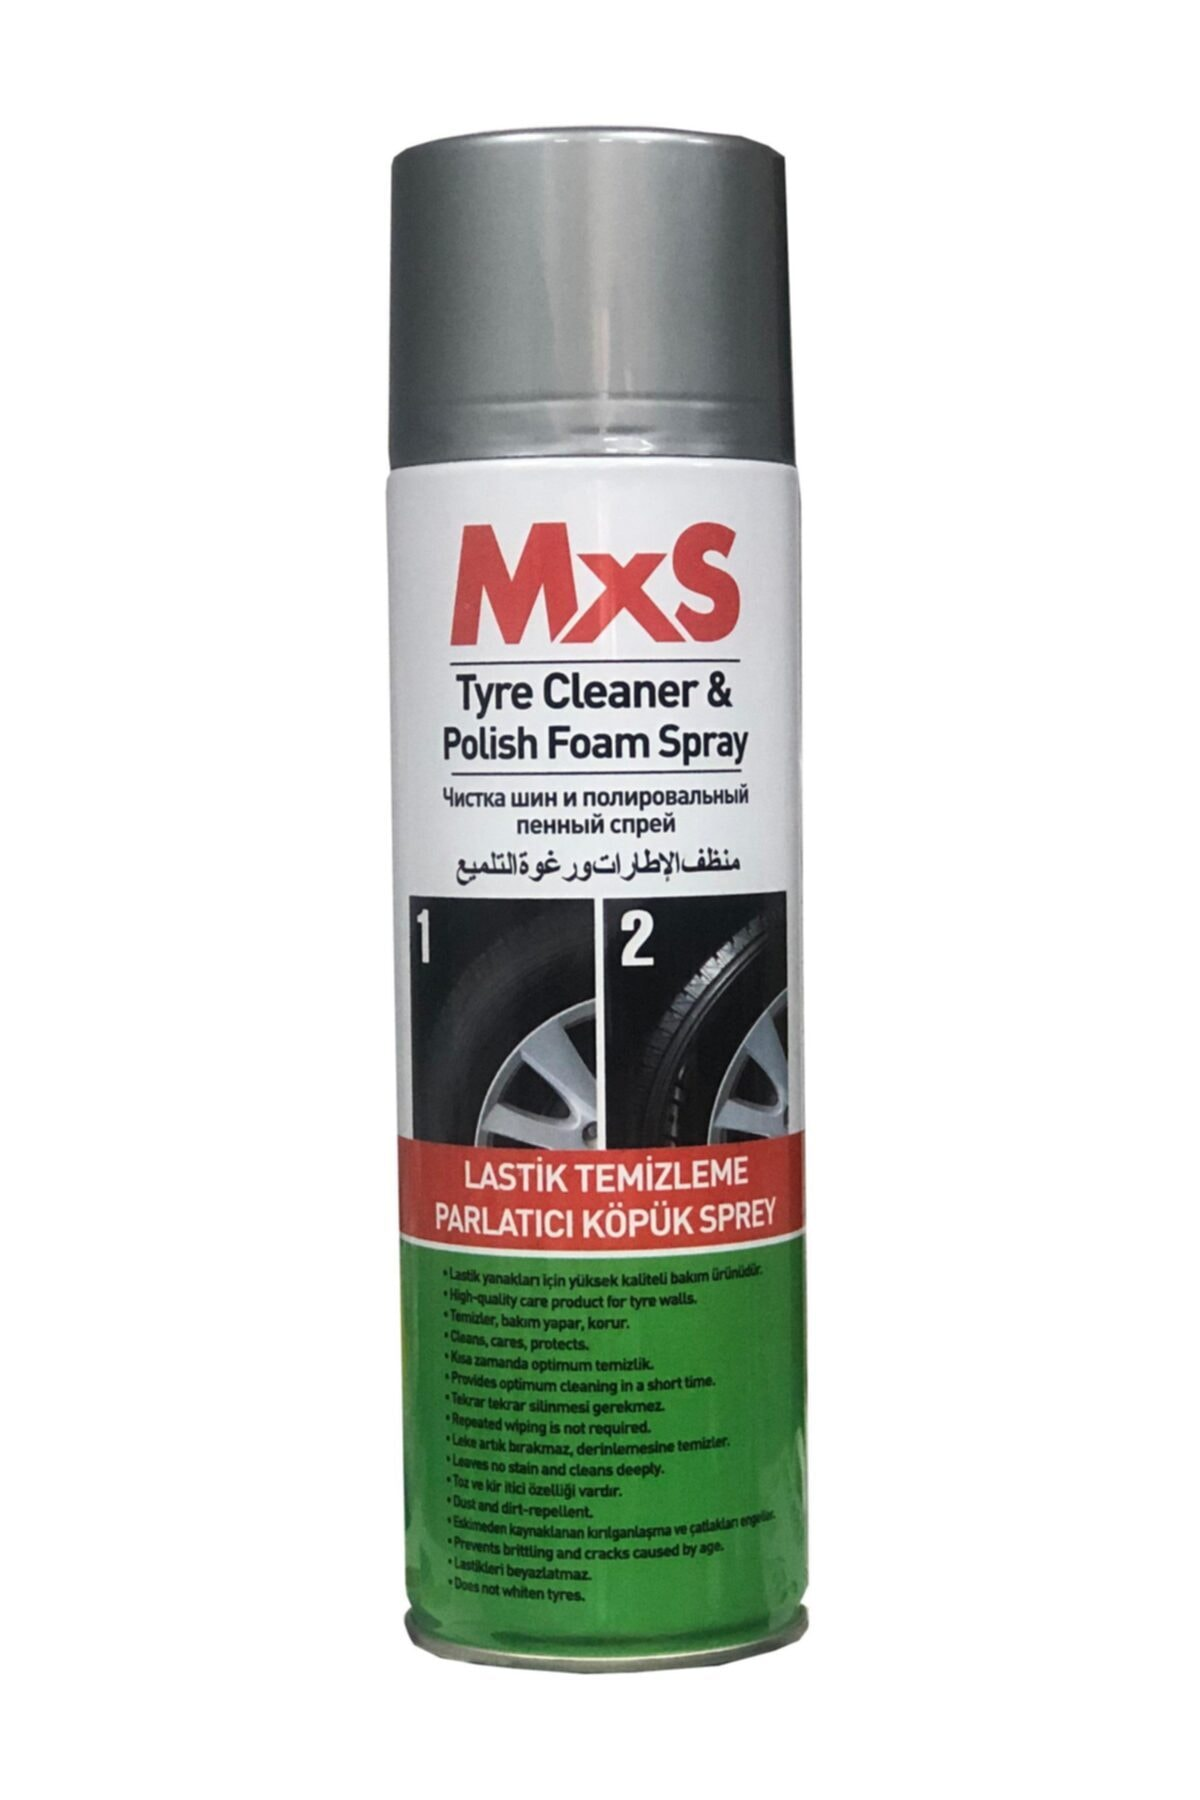 MxS Oto Lastik Parlatıcı Ve Siyahlaştırıcı Sprey Köpük 500 Ml 1